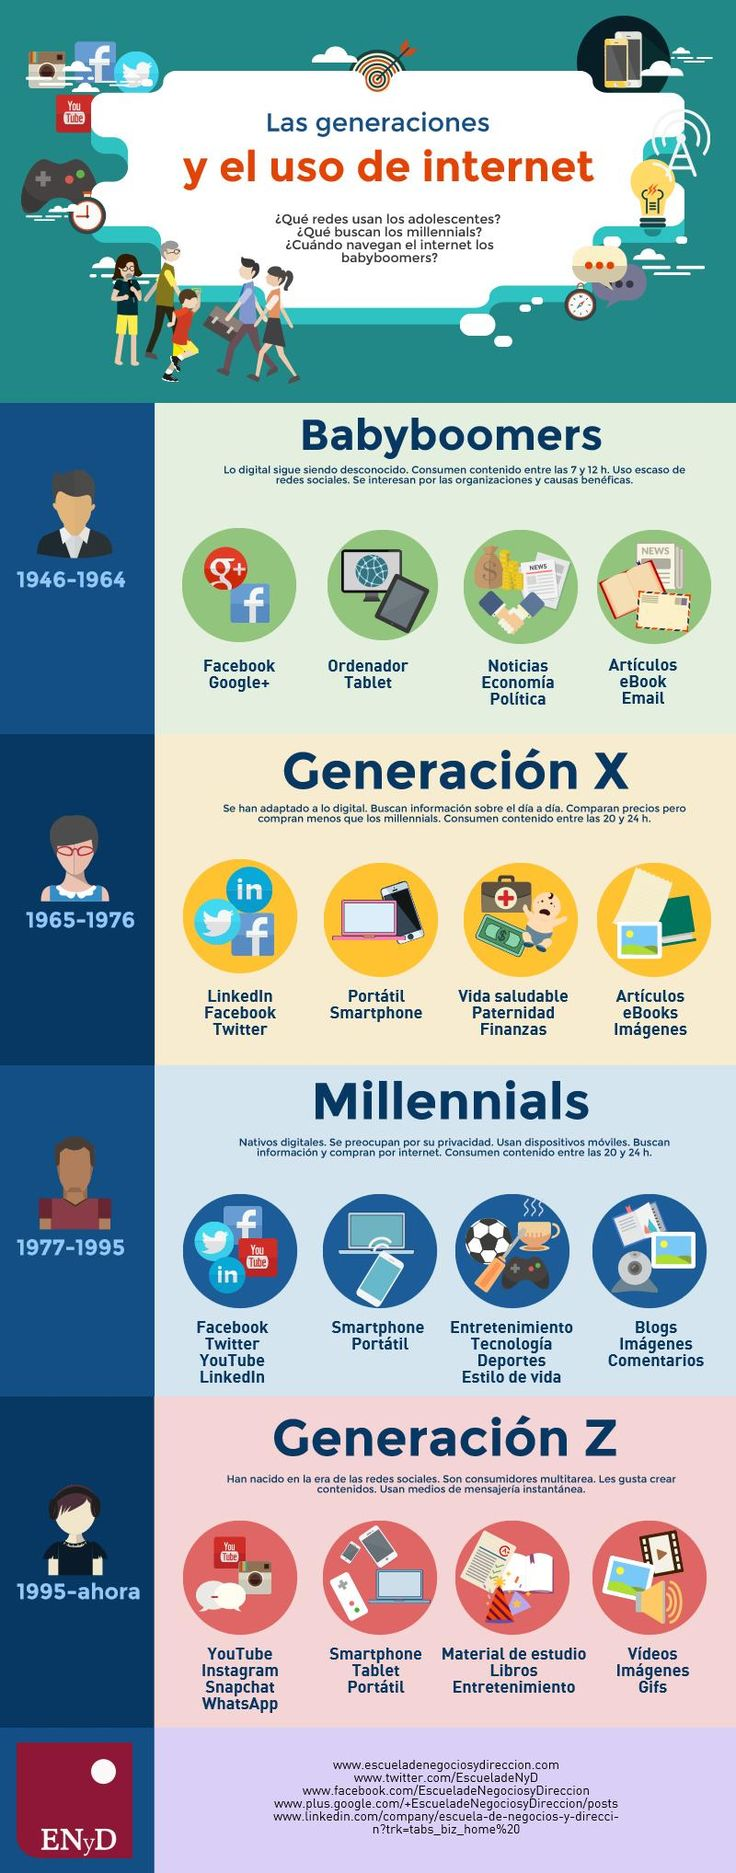 Las generaciones y el uso de Internet #infografia #infographic #marketing